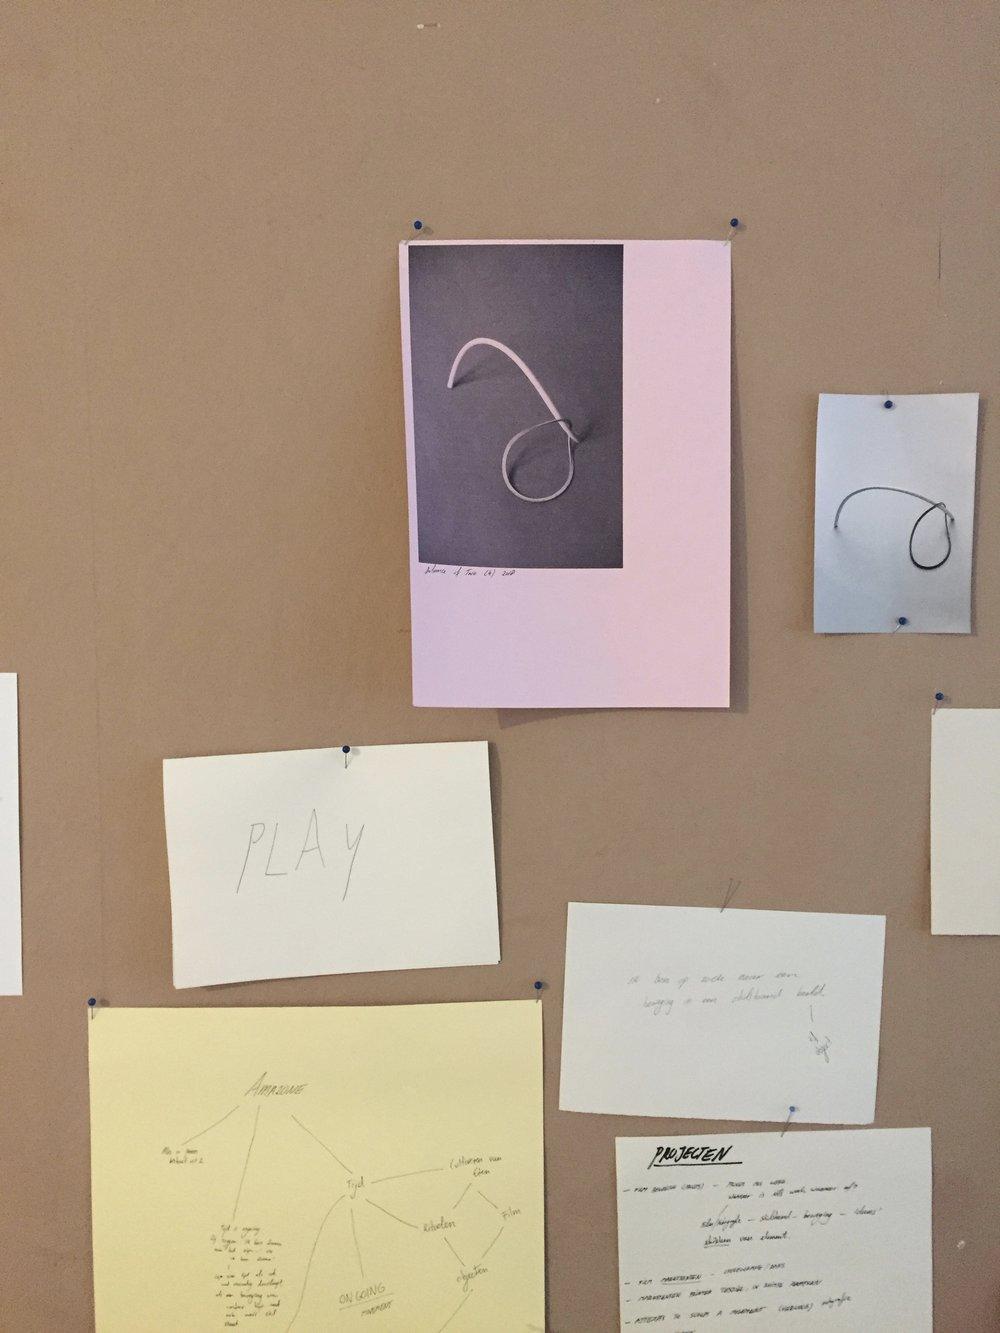 studio visit at Lorena van Bunningen, 2018